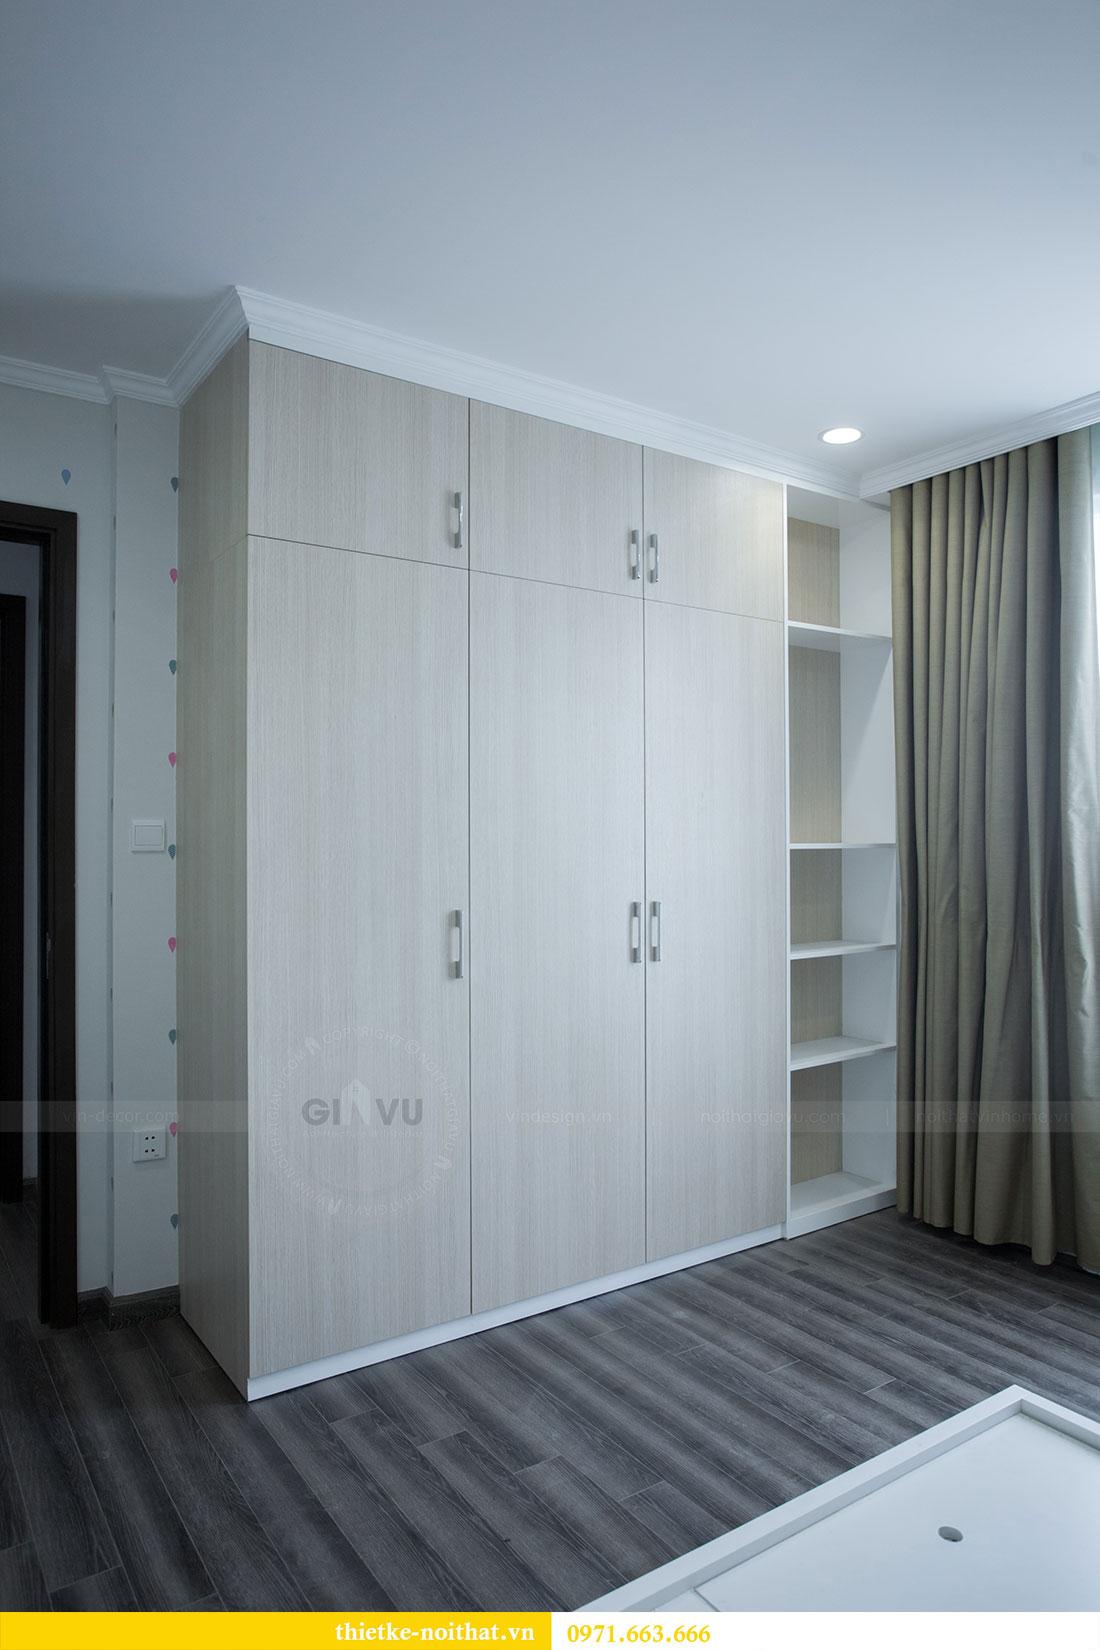 Hoàn thiện nội thất chung cư Seasons Avenue tòa S4 căn 06 chị My 20